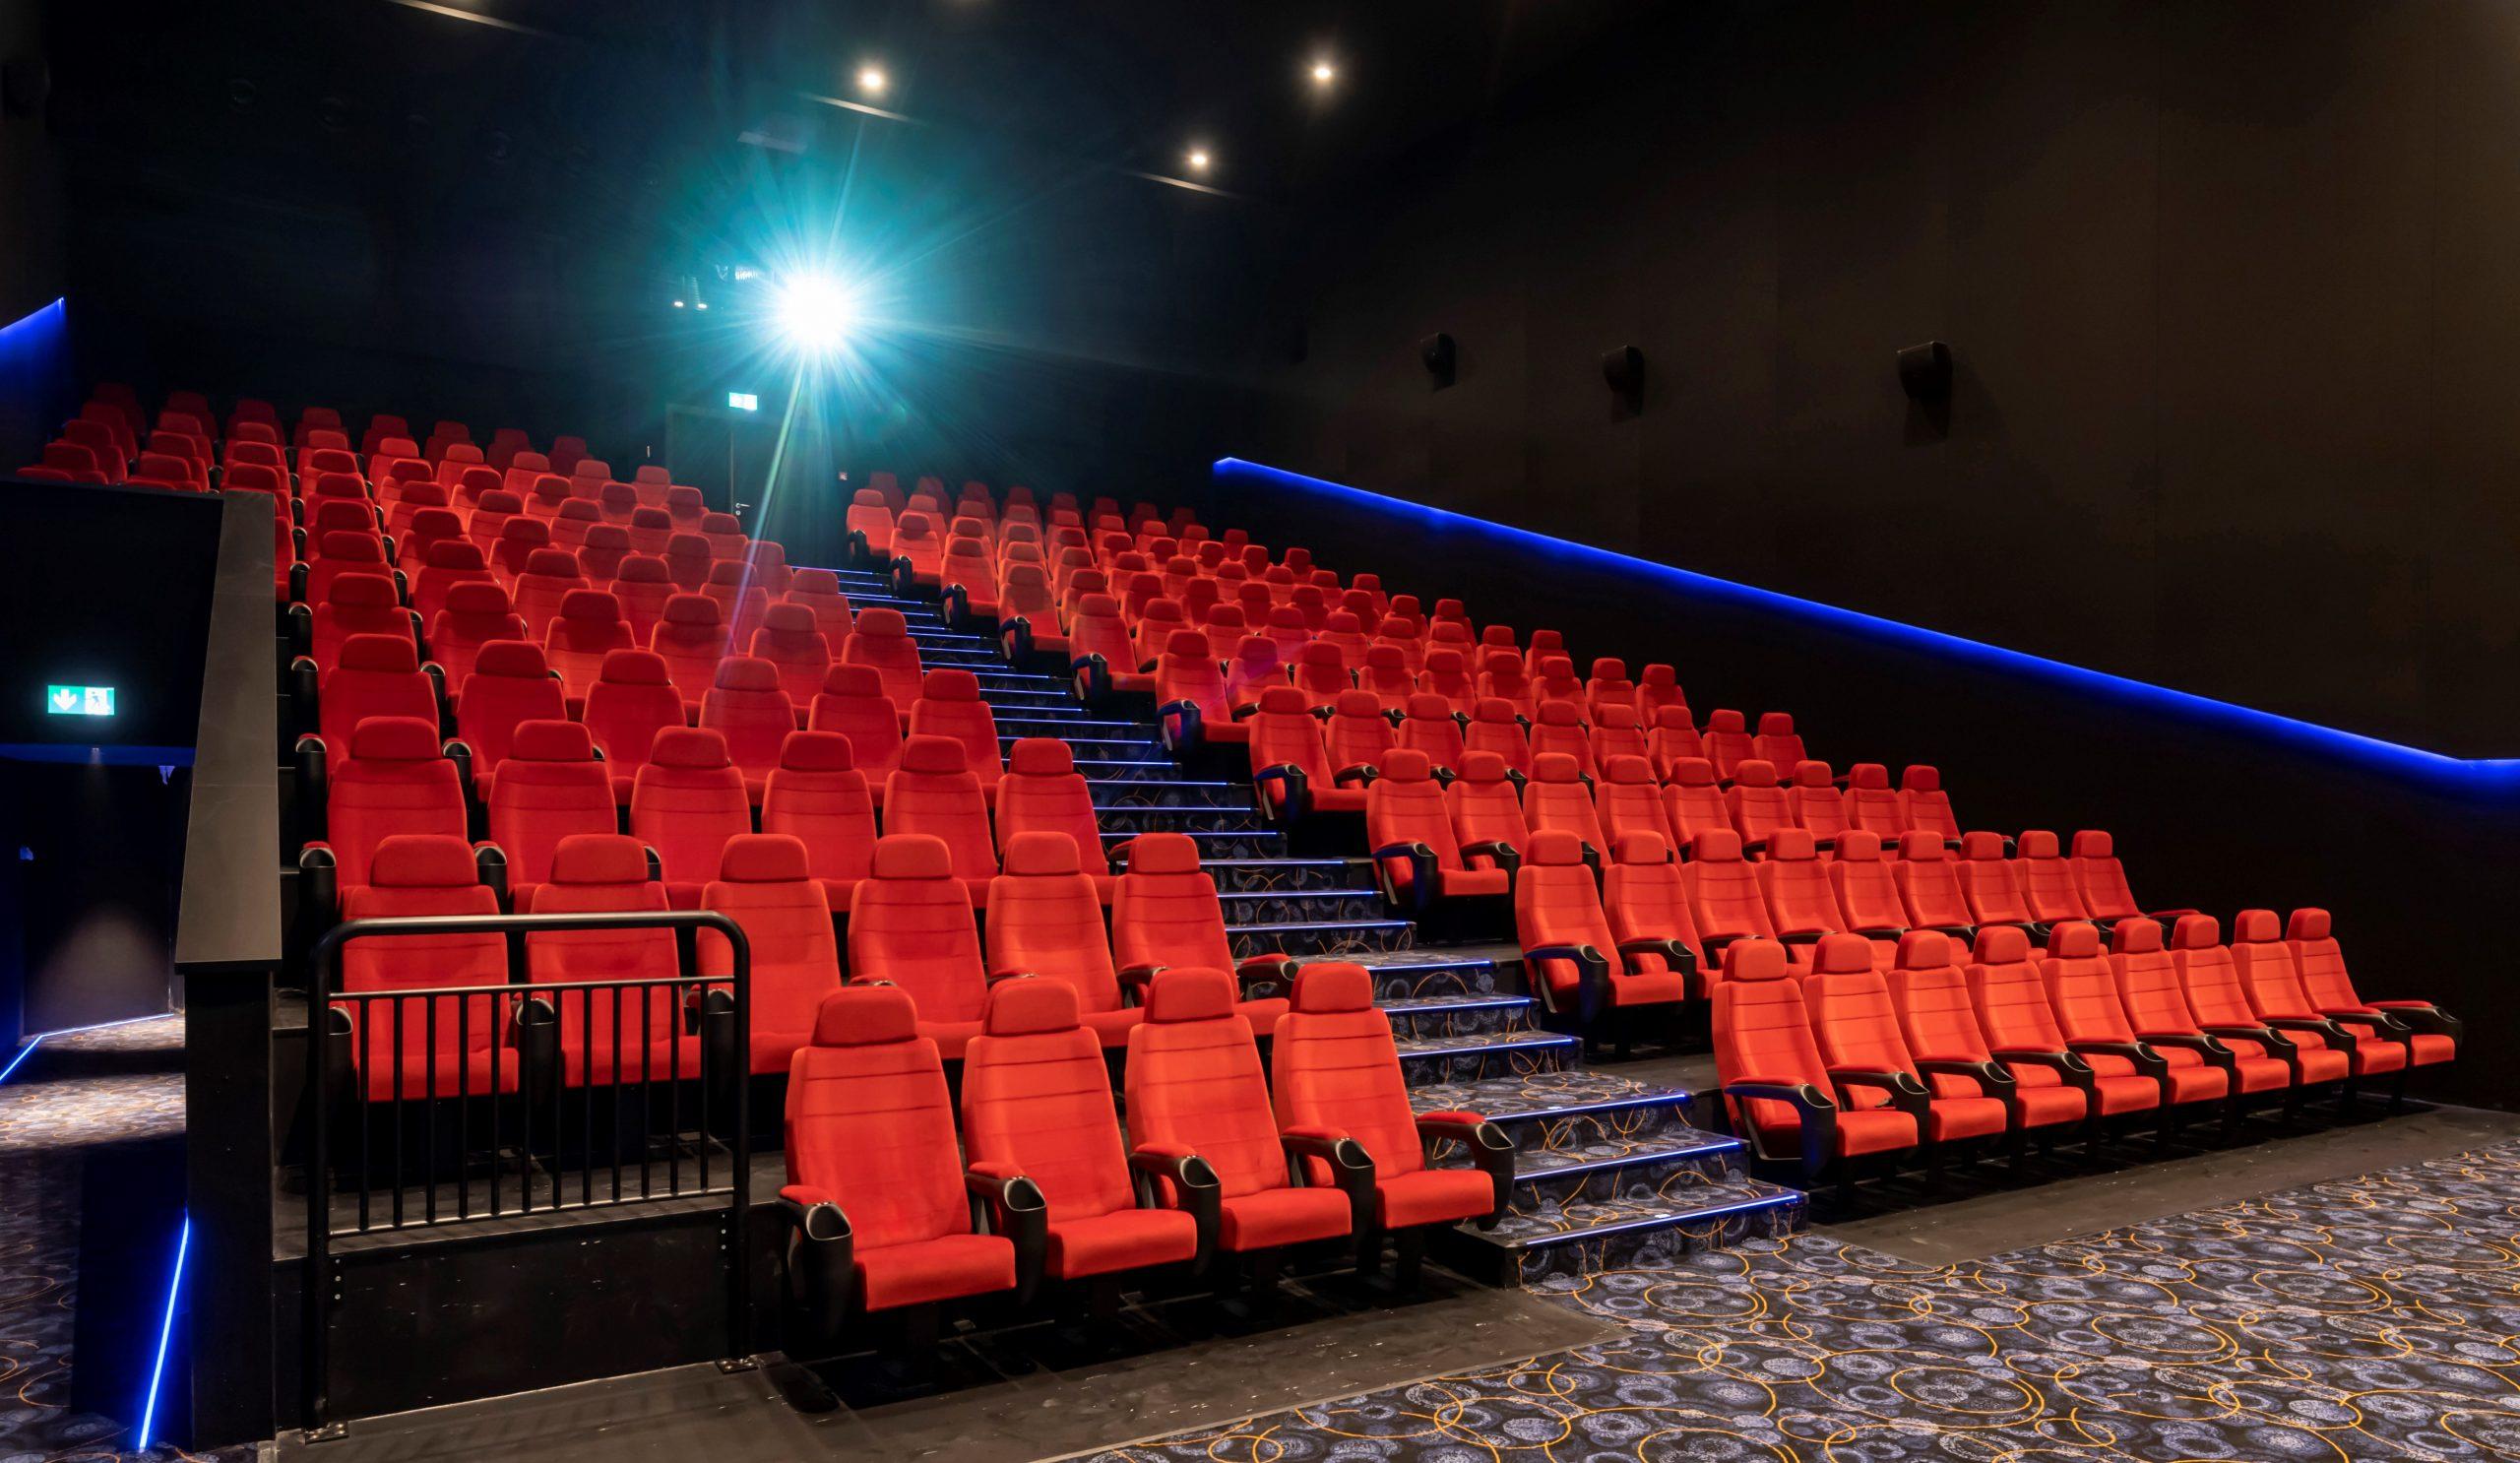 Június 3-án újranyitnak a Cinema City mozik: Íme a moziműsor!